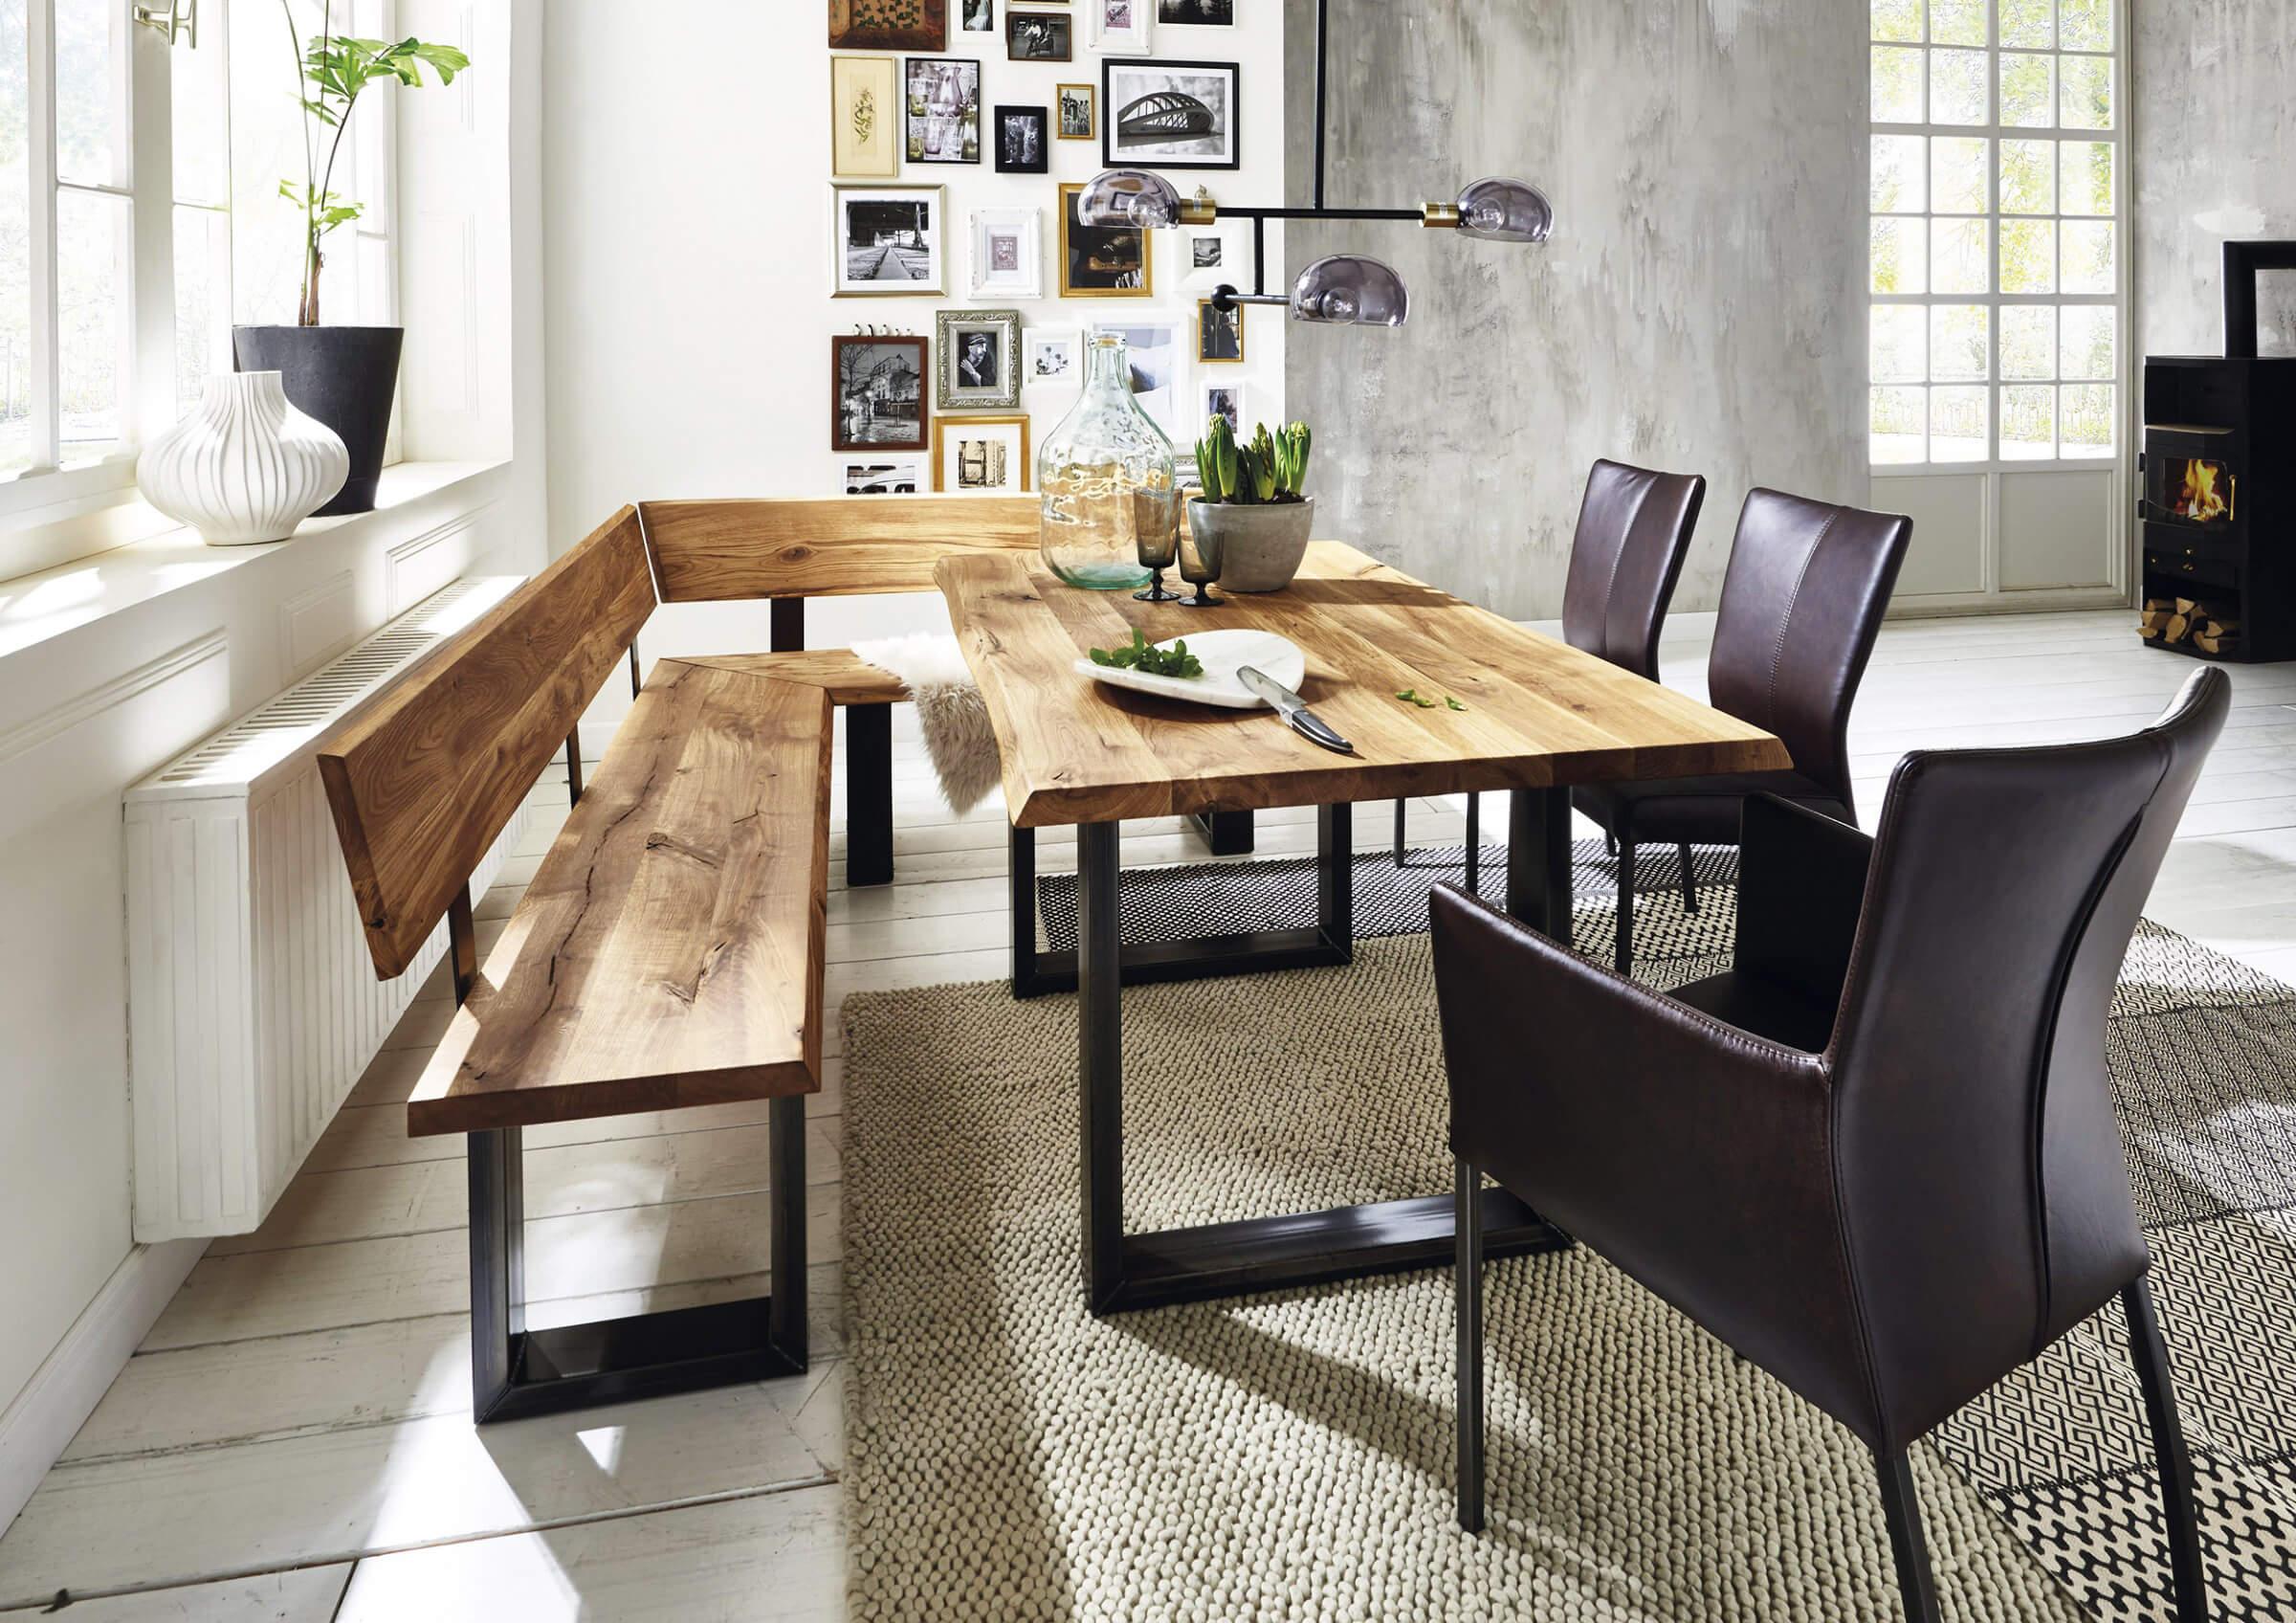 Full Size of Sitzecke Küche Sitzecke Küche Höffner Sitzecke Küche Klein Sitzecke Küche Mit Stauraum Küche Sitzecke Küche